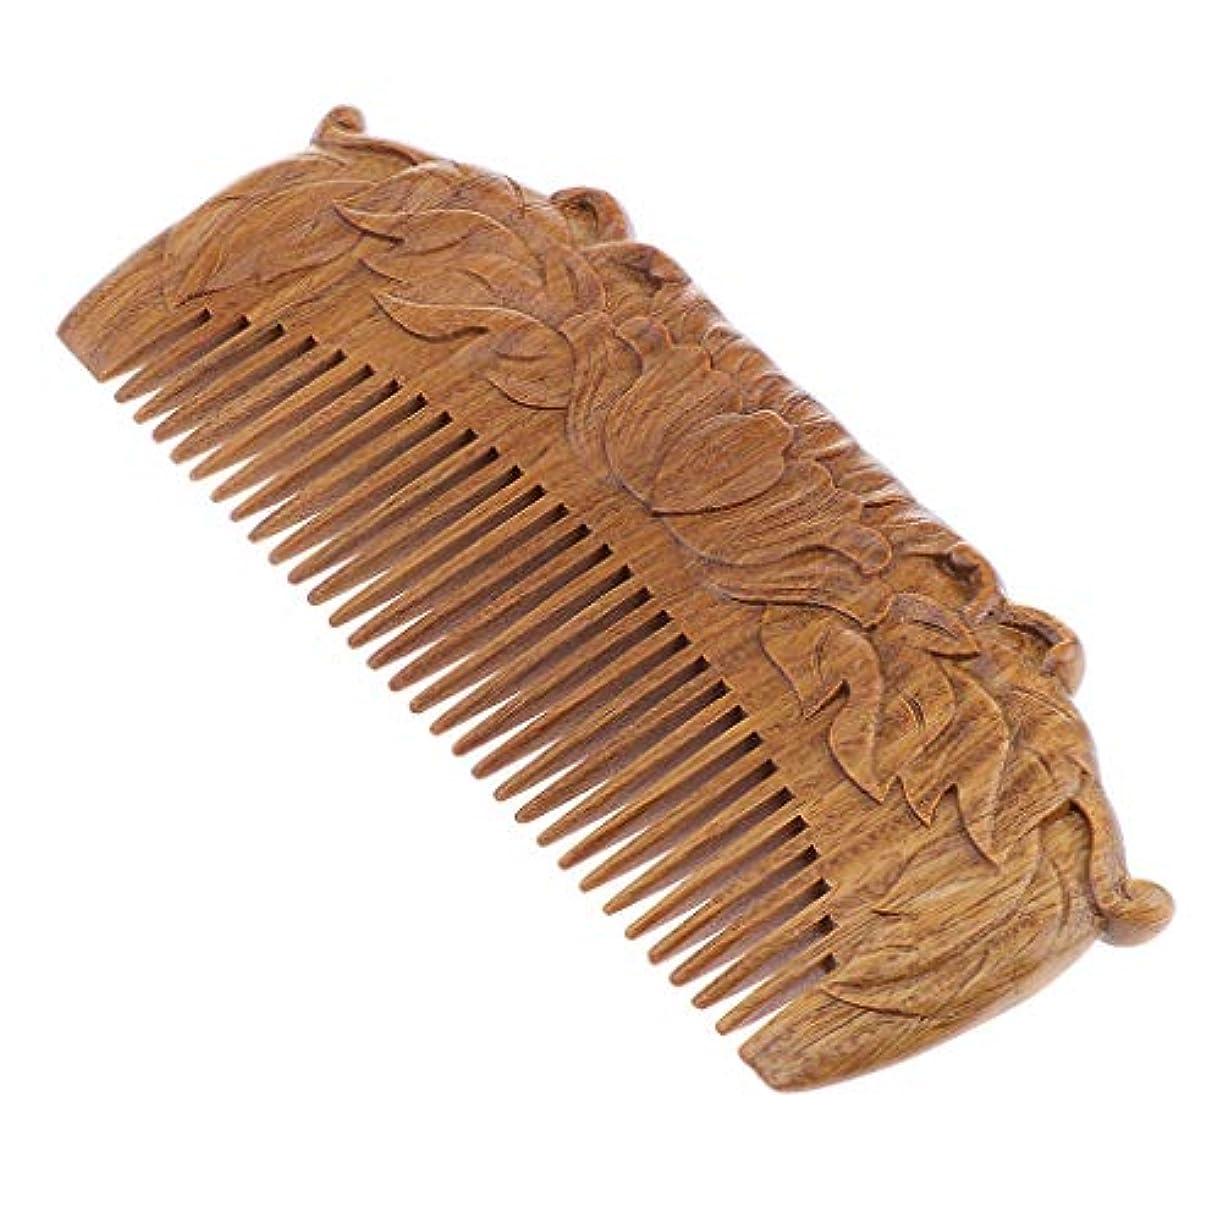 私たち自身パキスタン品種手作りの天然サンダルウッドの木の櫛の髪の頭皮マッサージブラシ帯電防止